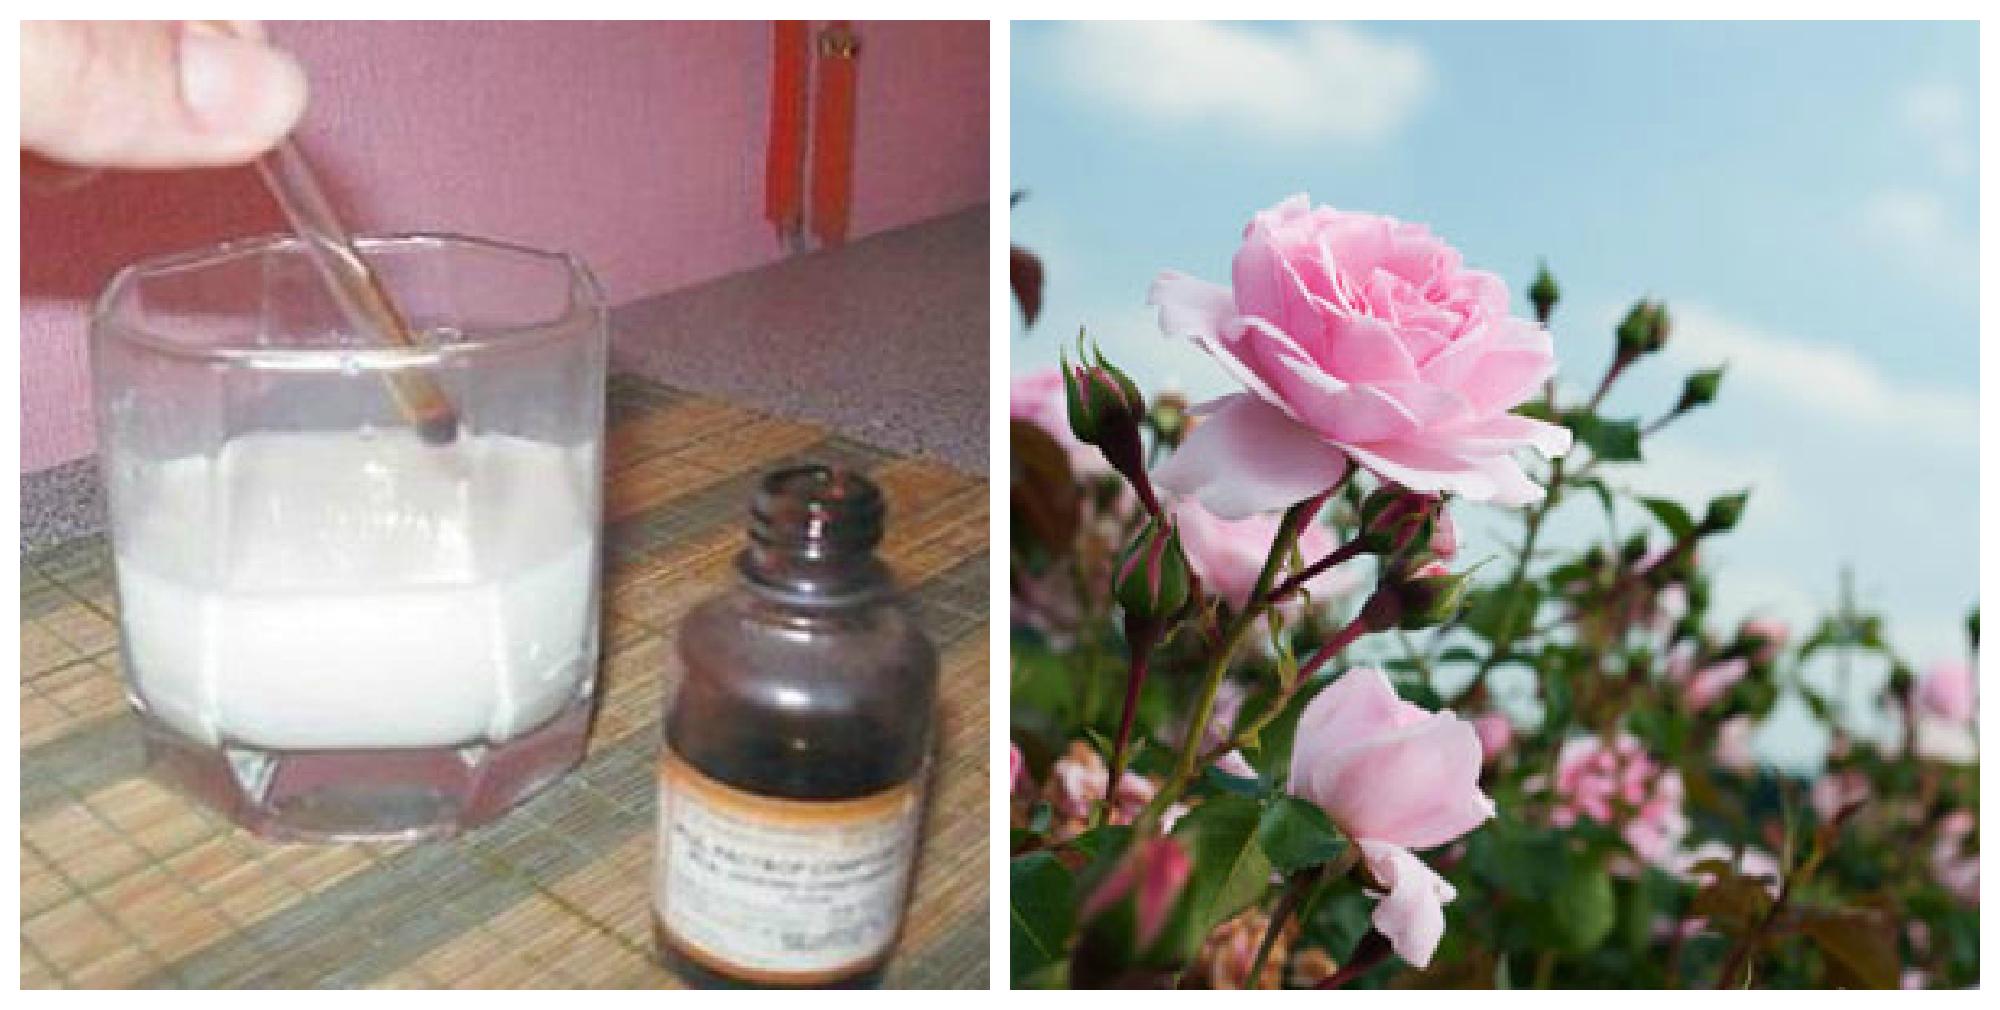 Господині на замітку — Йод і молоко позбавлять від попелиці ваші троянди.